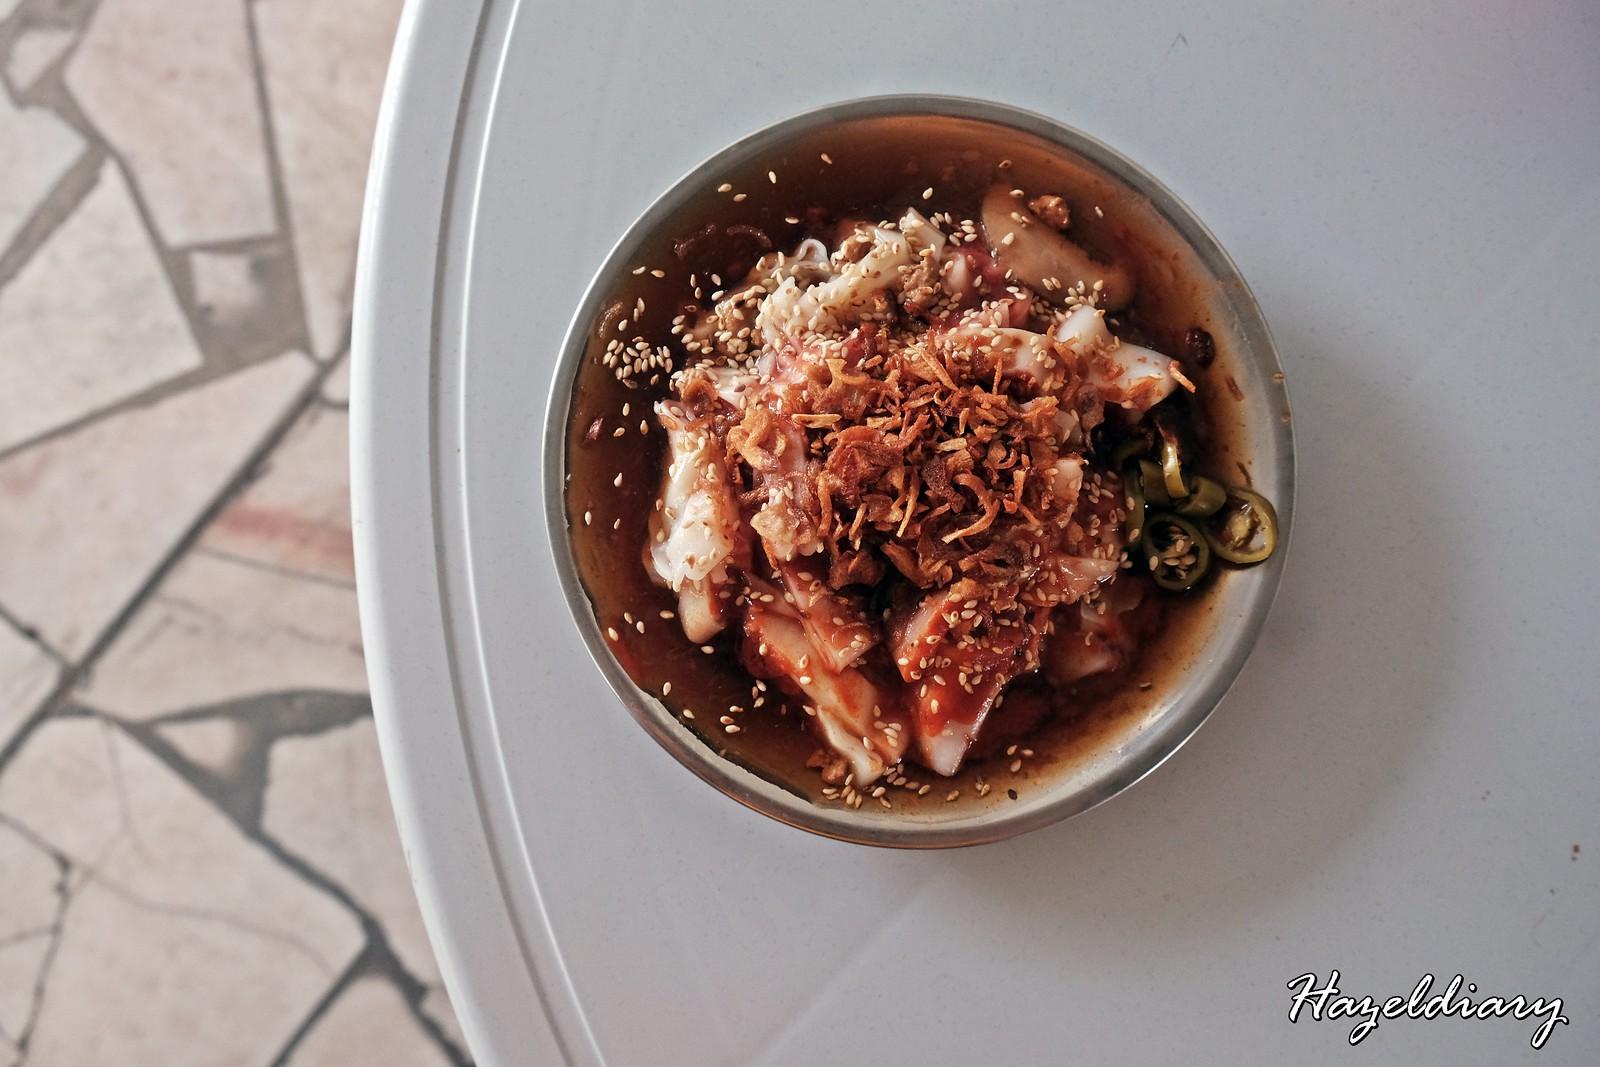 Canning Garden Ipoh-Cheong Fun-Mix